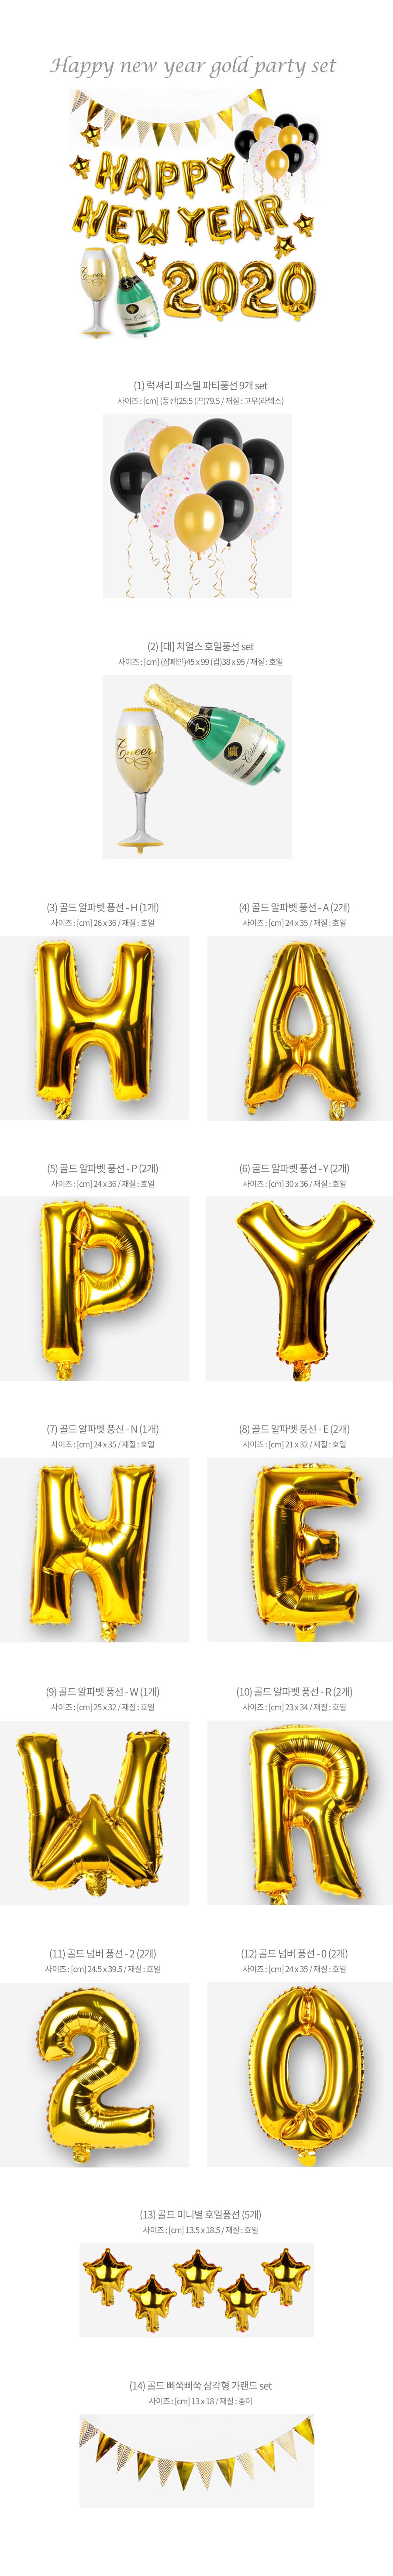 2020 해피뉴이어 풍선 파티세트 - 인디고샵, 22,000원, 파티용품, 풍선/세트